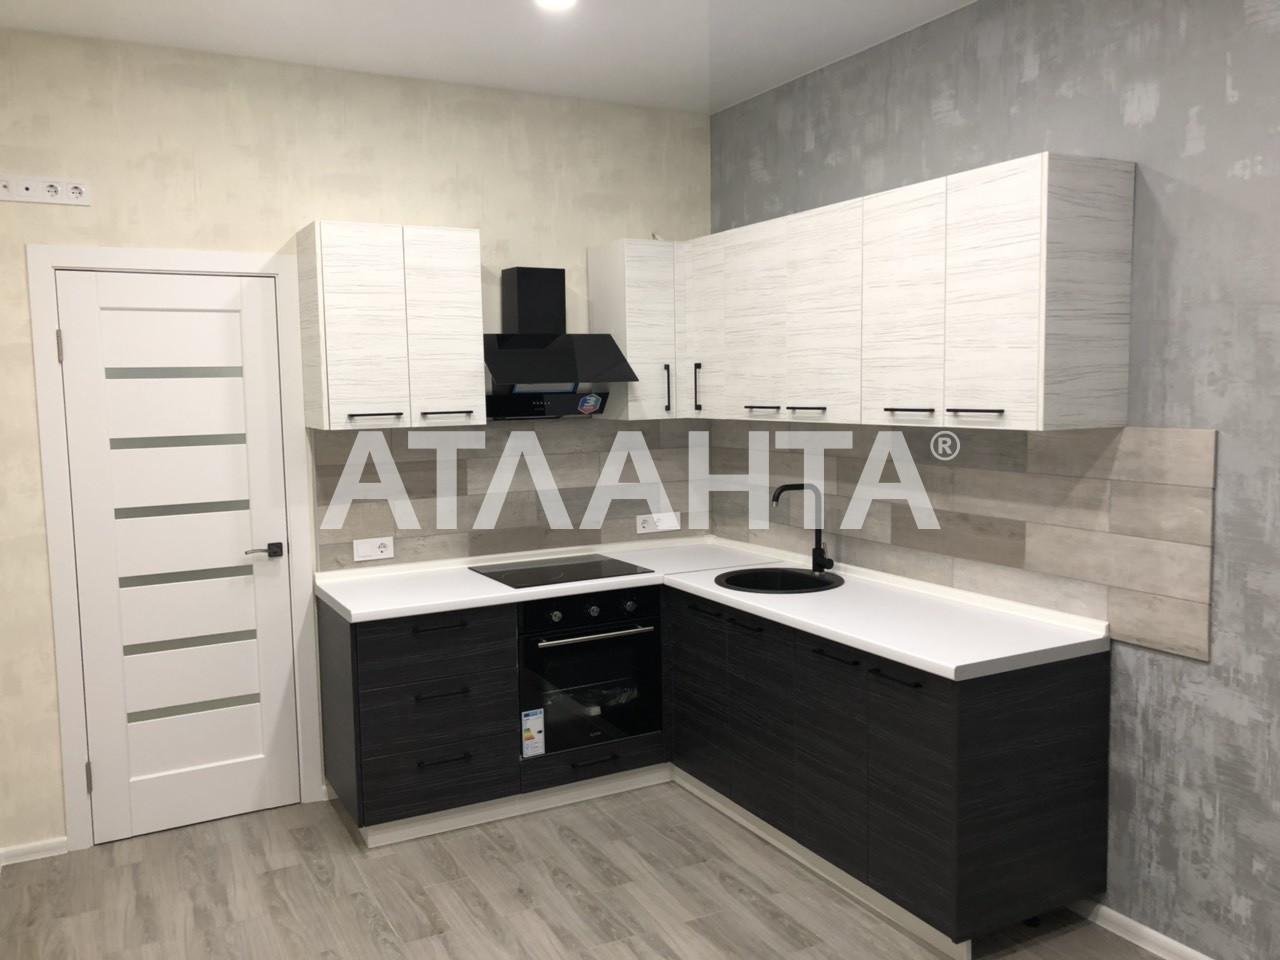 Продается 1-комнатная Квартира на ул. Жемчужная — 45 000 у.е. (фото №2)